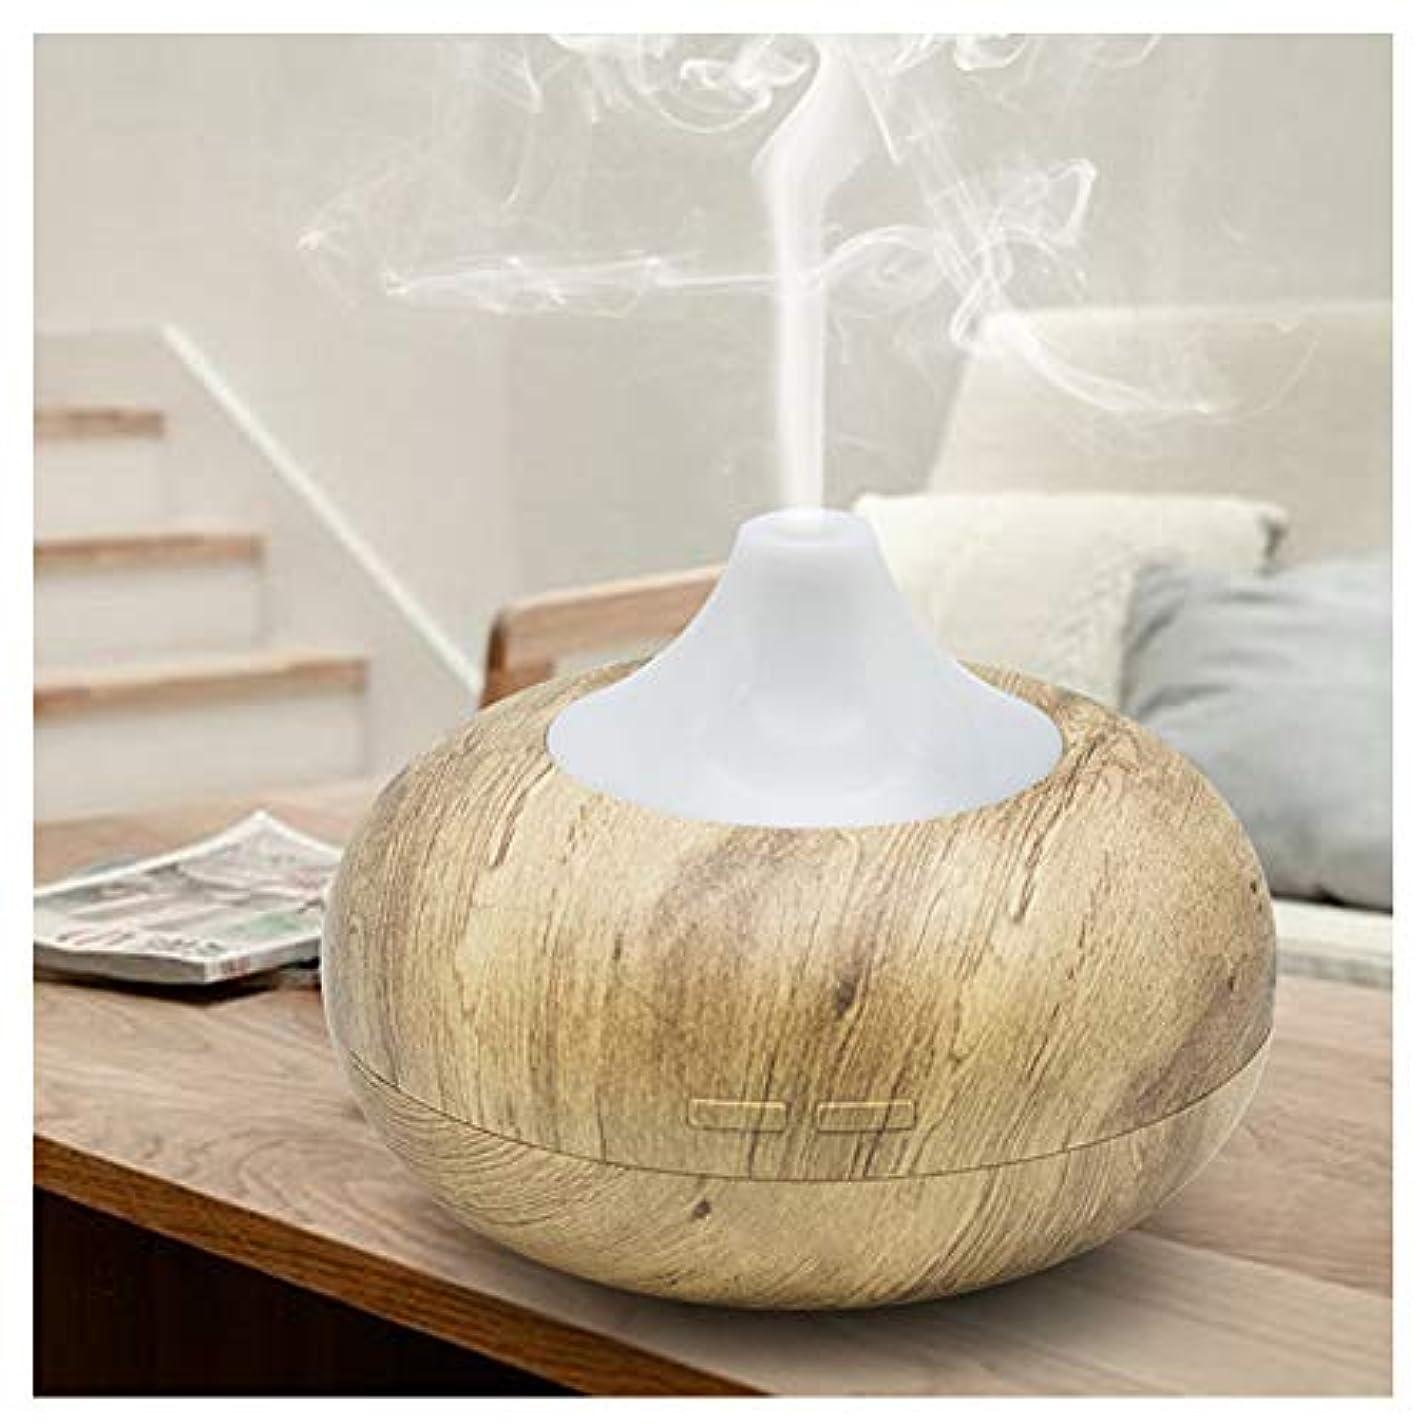 ボウリングスクラップ共感する300ミリリットルエッセンシャルオイルディフューザー 木材穀物超音波アロマセラピーアロマセラピーオイルディフューザー蒸発器加湿器、水なし自動閉鎖、7色フレグランスランプ、ホームオ